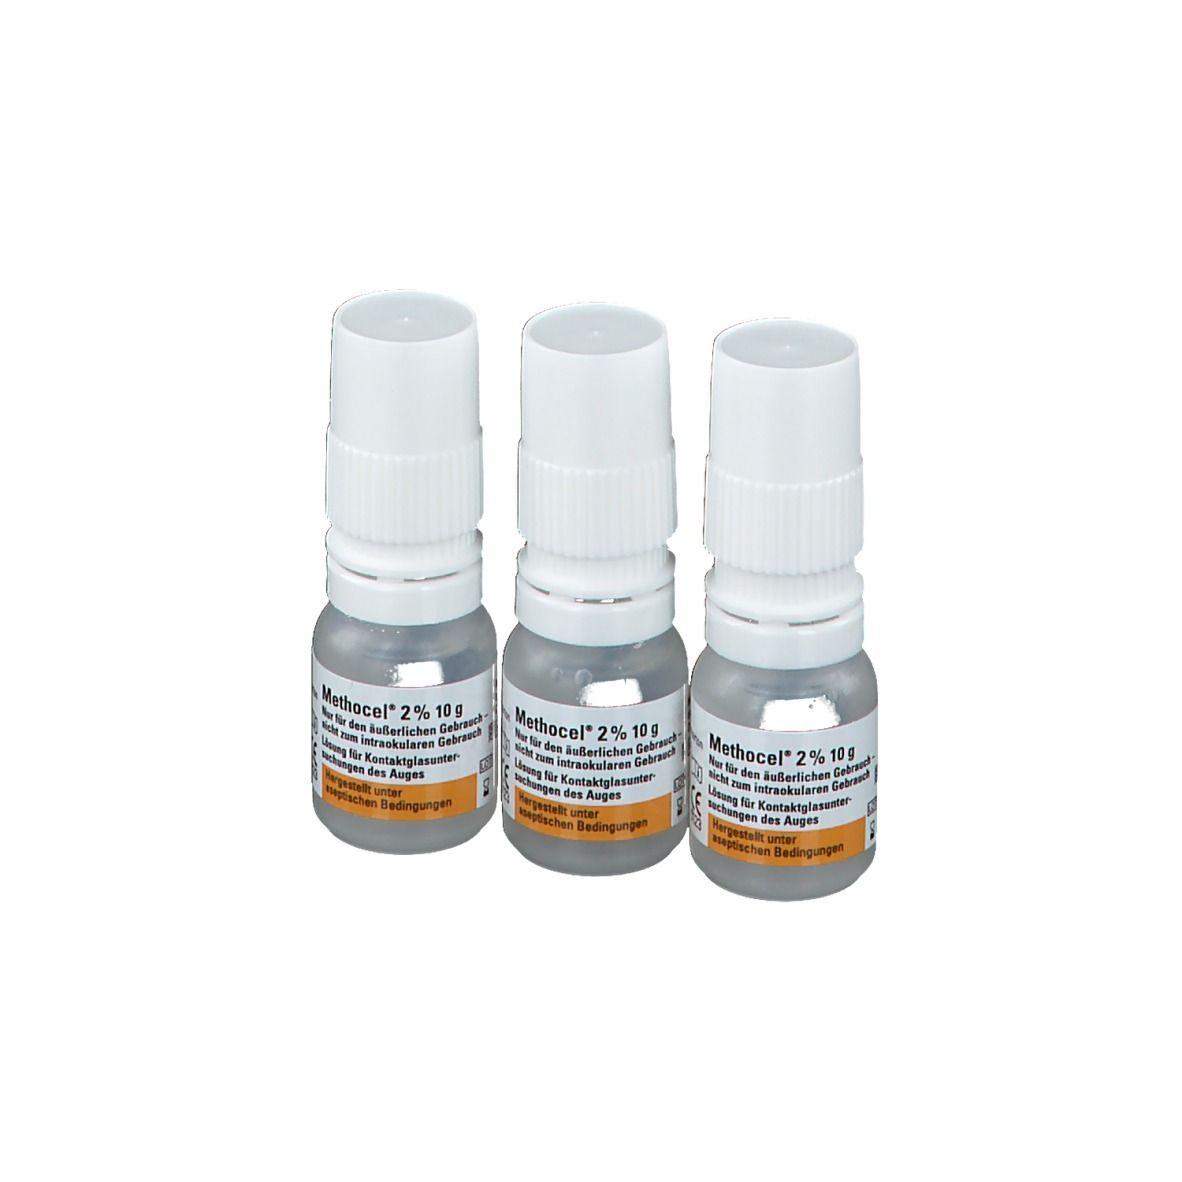 Methocel rhodium uses